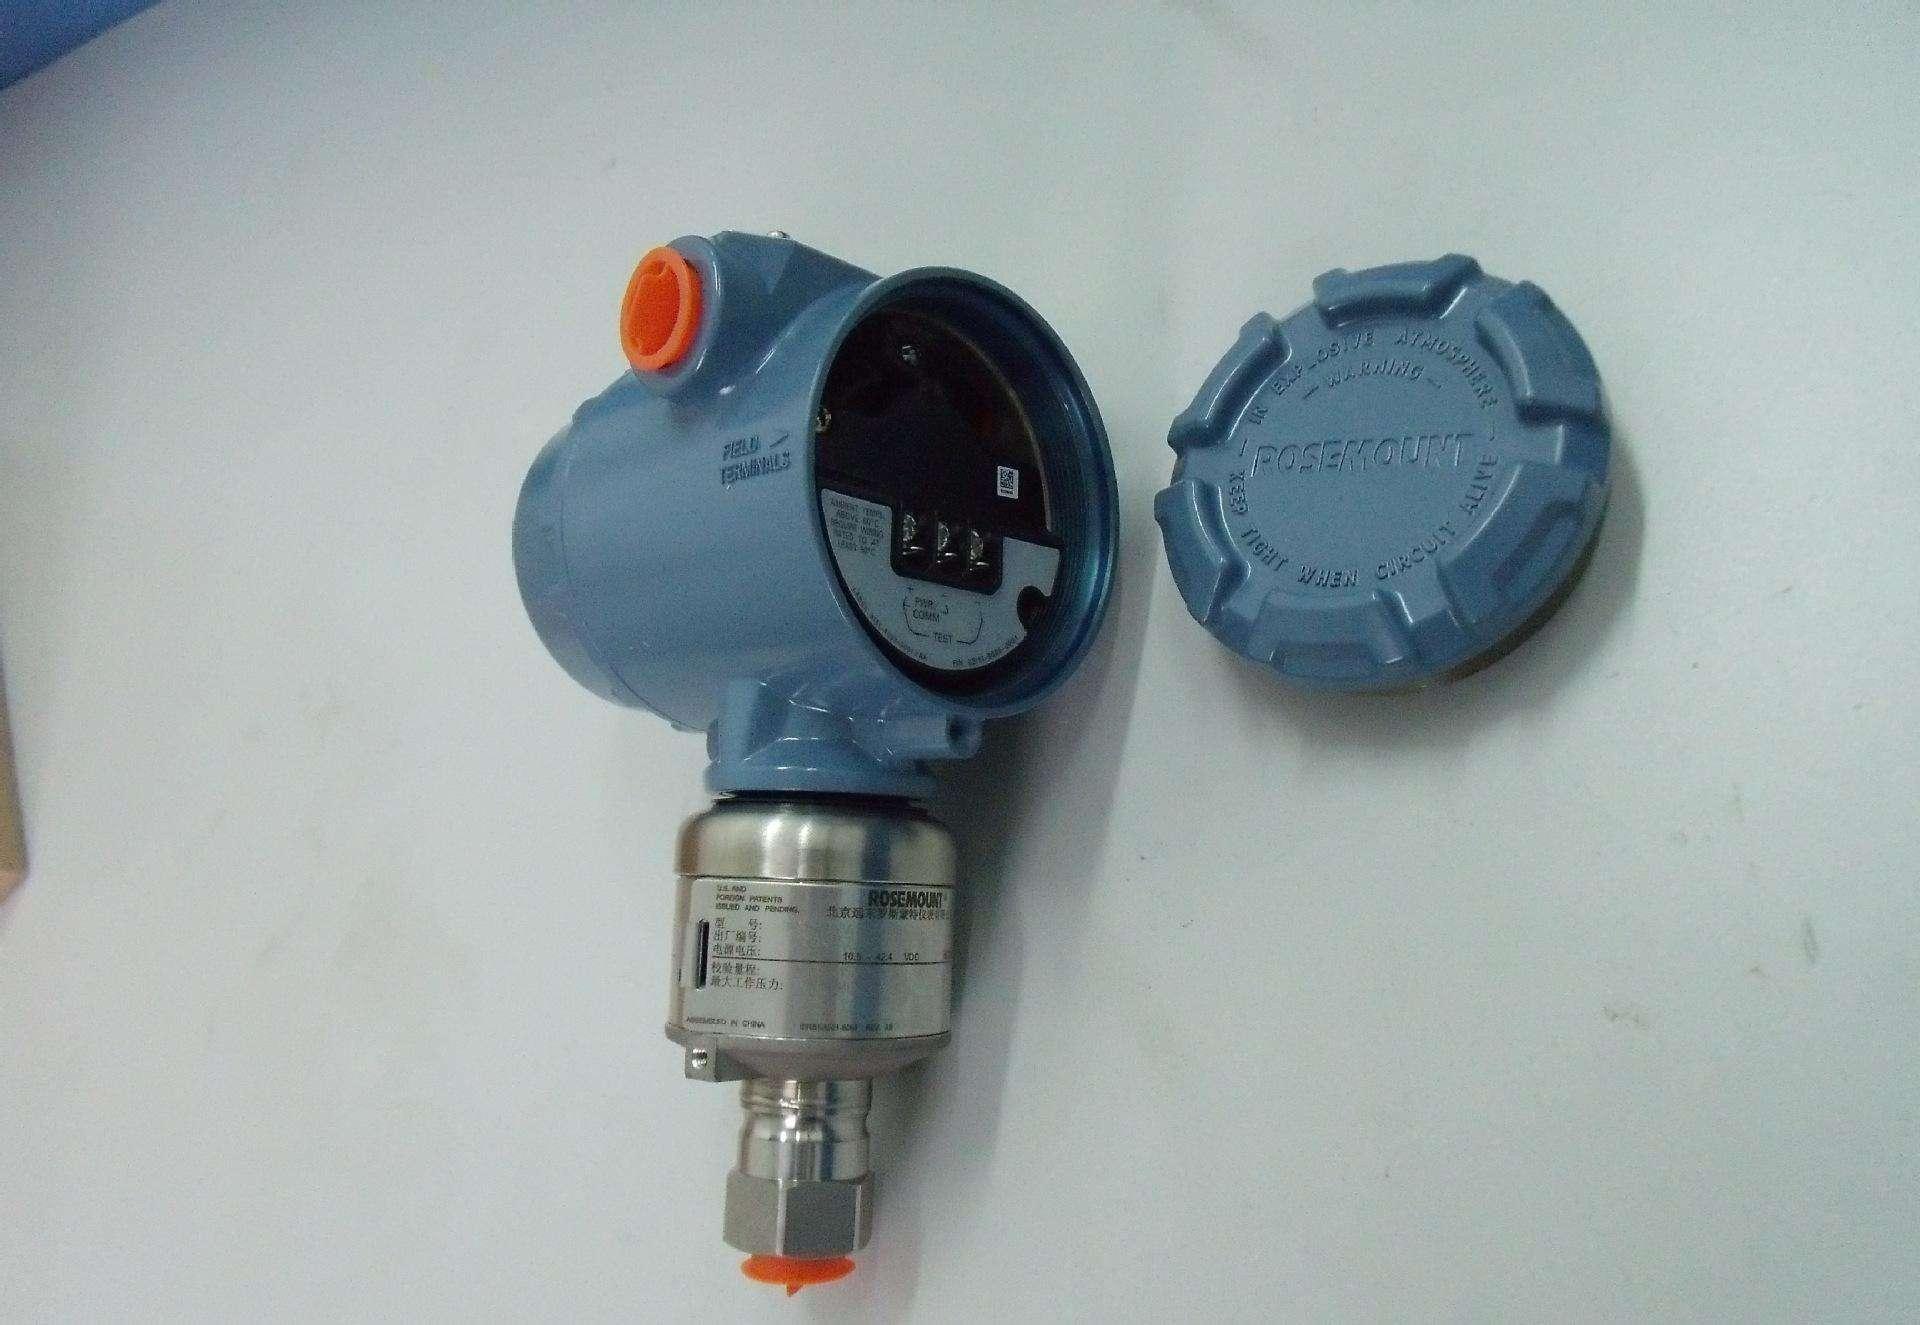 罗斯蒙特3051压力变送器拆解图